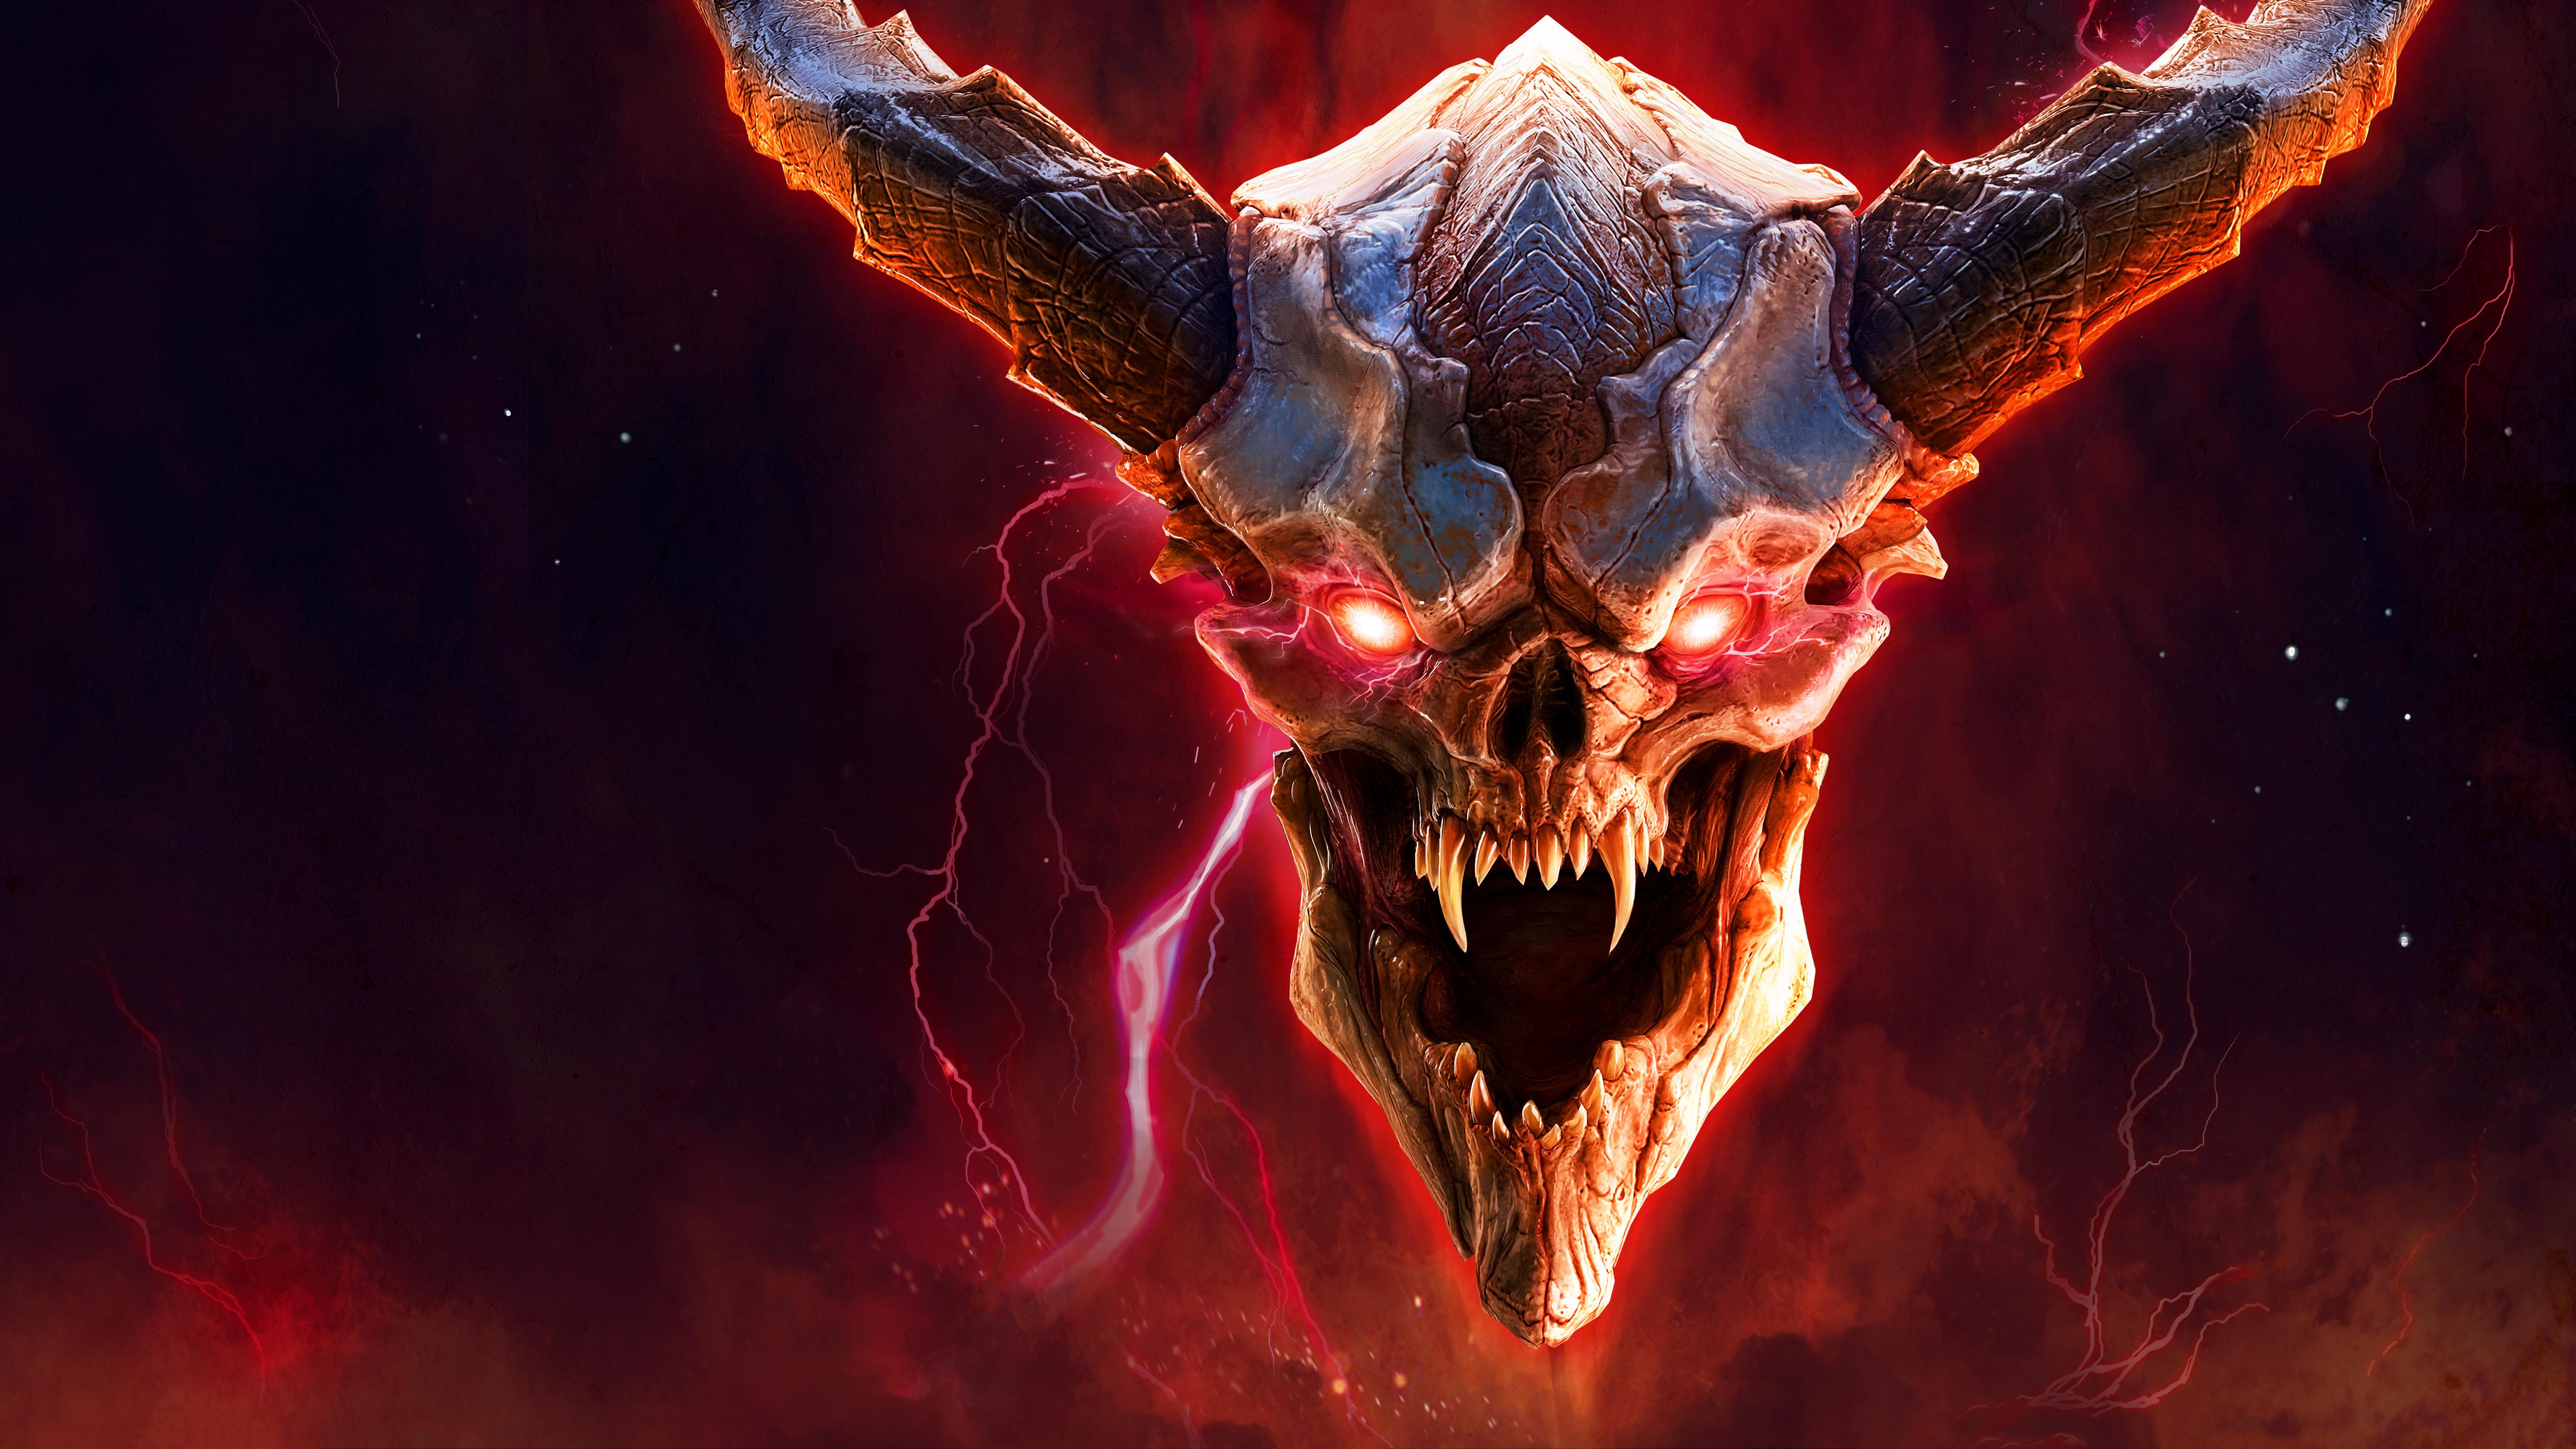 Doom Vfr 5k, HD Games, 4k Wallpapers, Images, Backgrounds ...